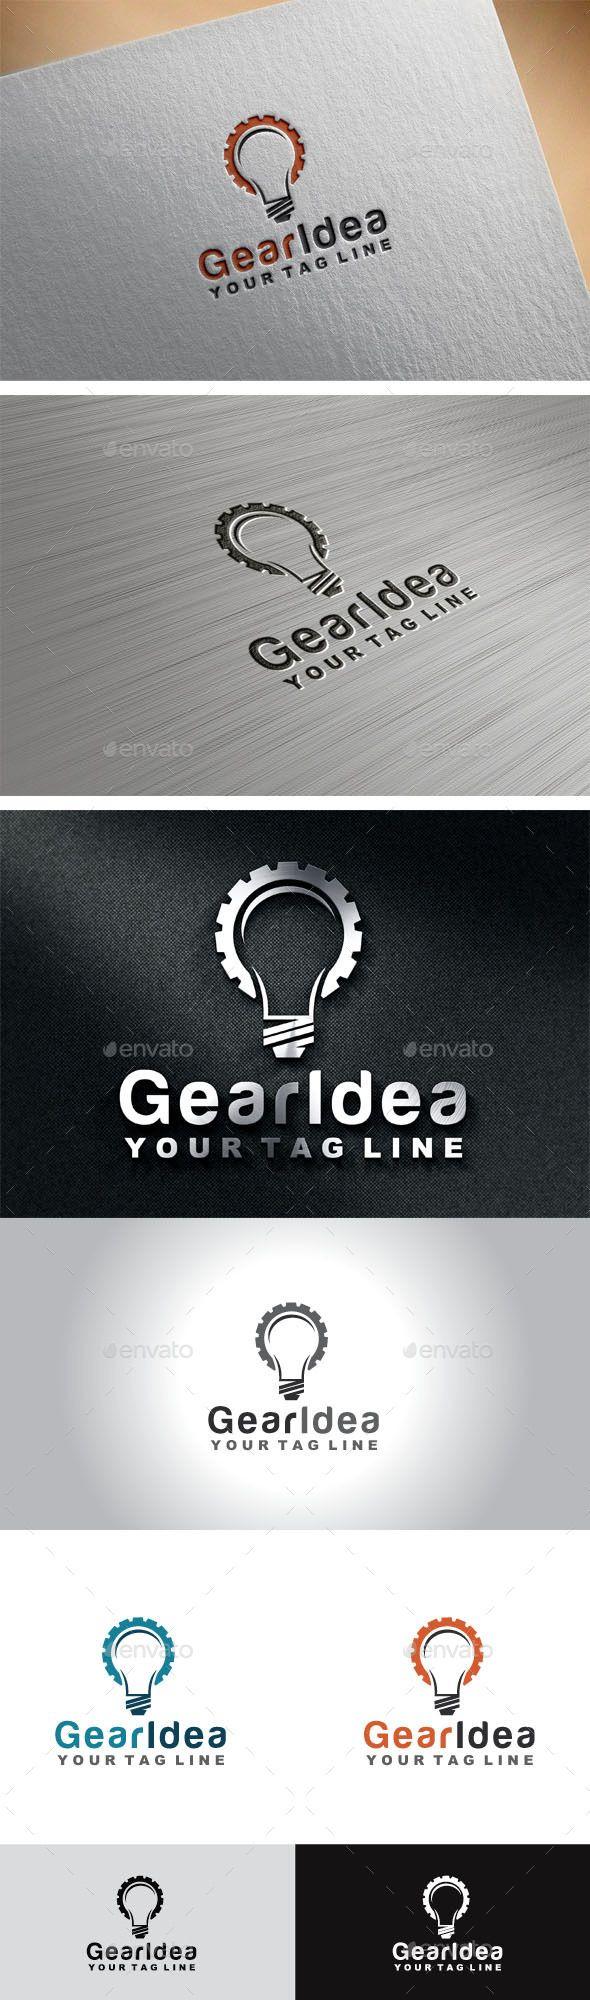 Gear Idea | Diseño de identidad corporativa, Diseños de identidad y ...